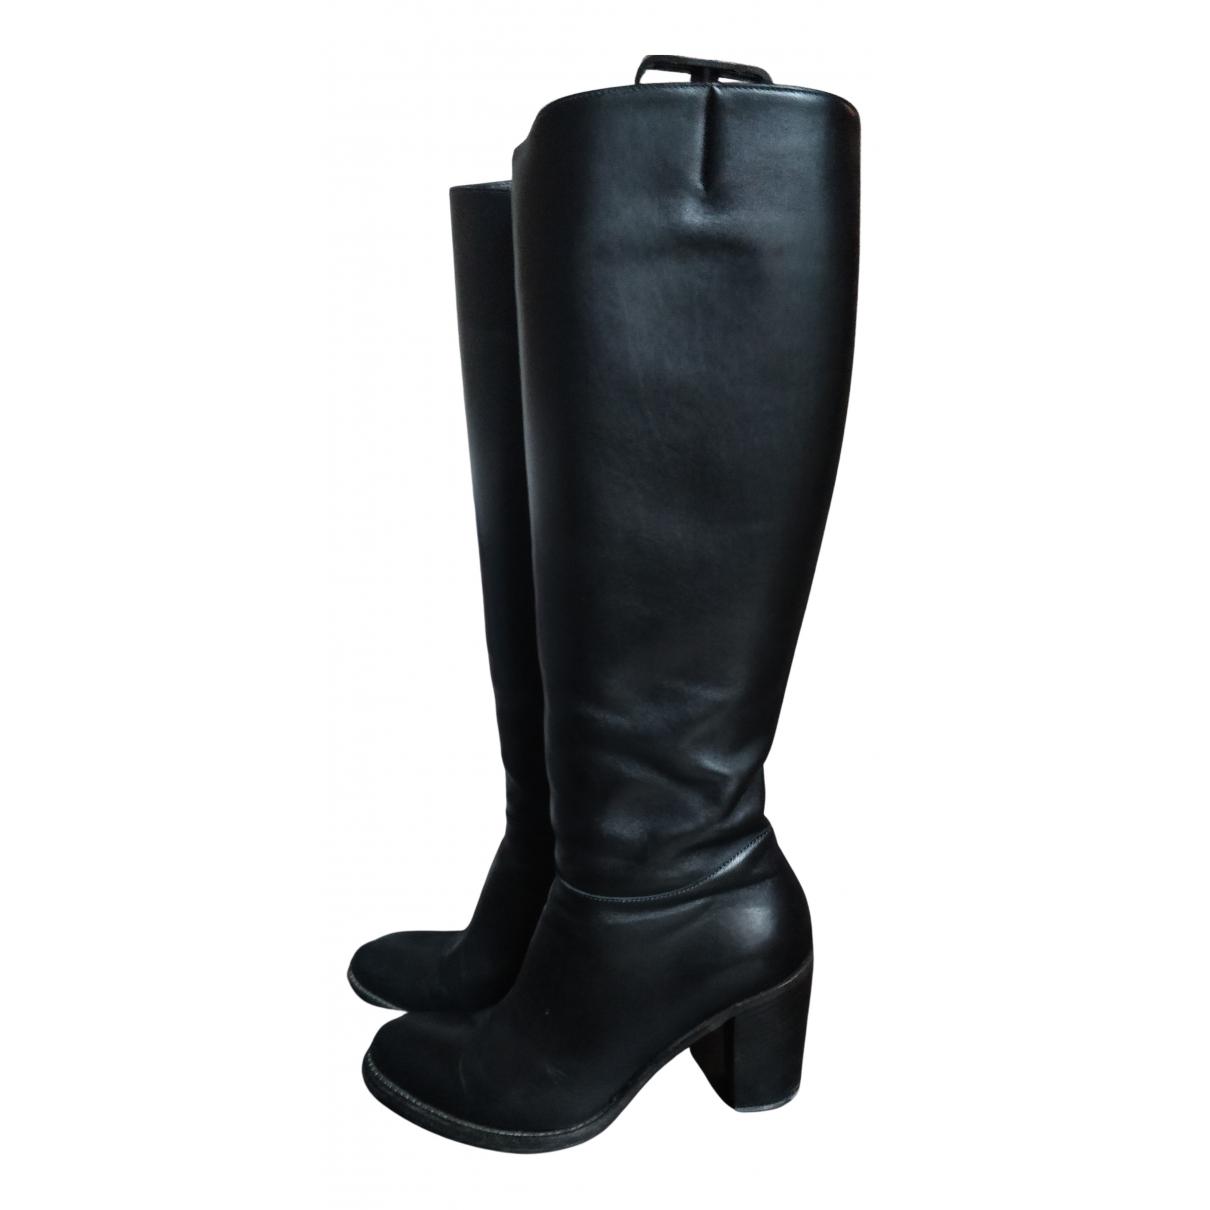 Heschung \N Stiefel in  Schwarz Leder